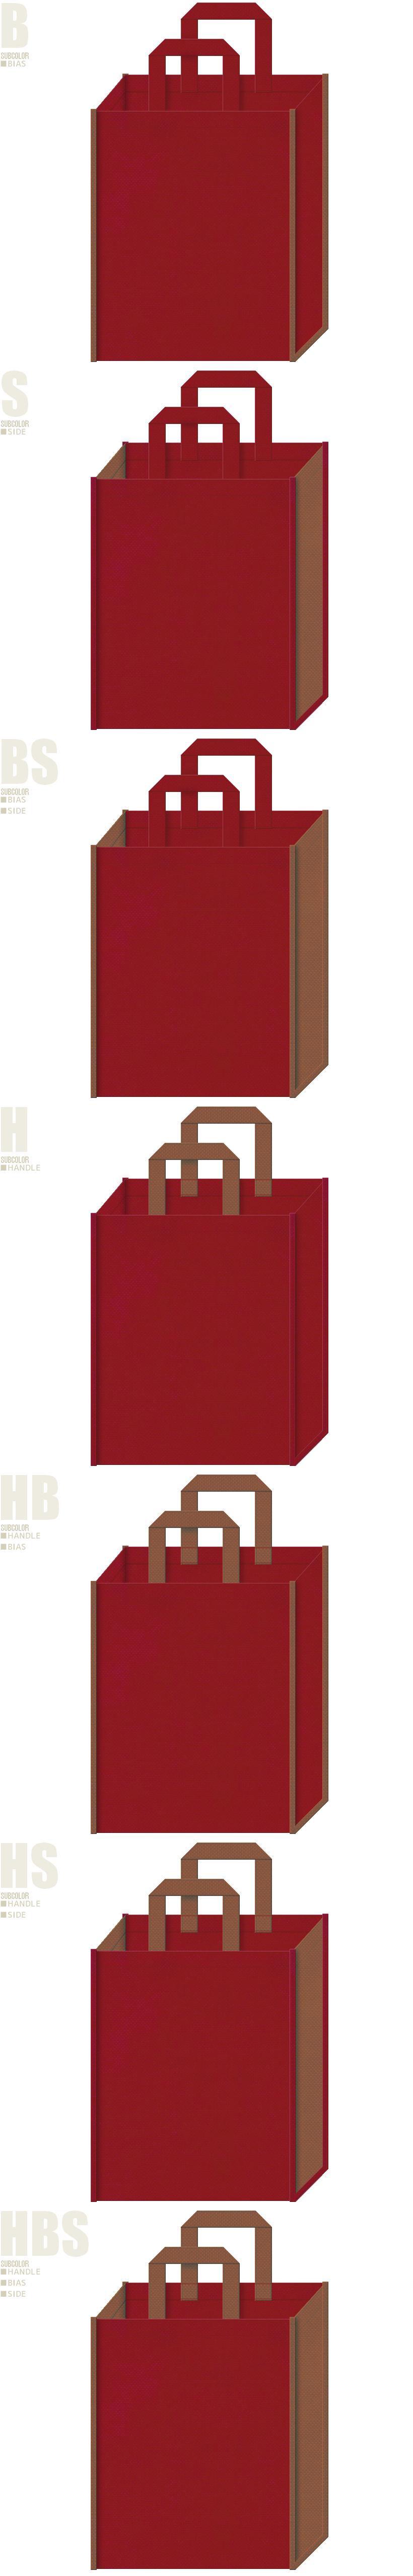 ぜんざい・甘味処・茶会・和風催事の記念品にお奨めの不織布バッグデザイン:エンジ色と茶色の配色7パターン